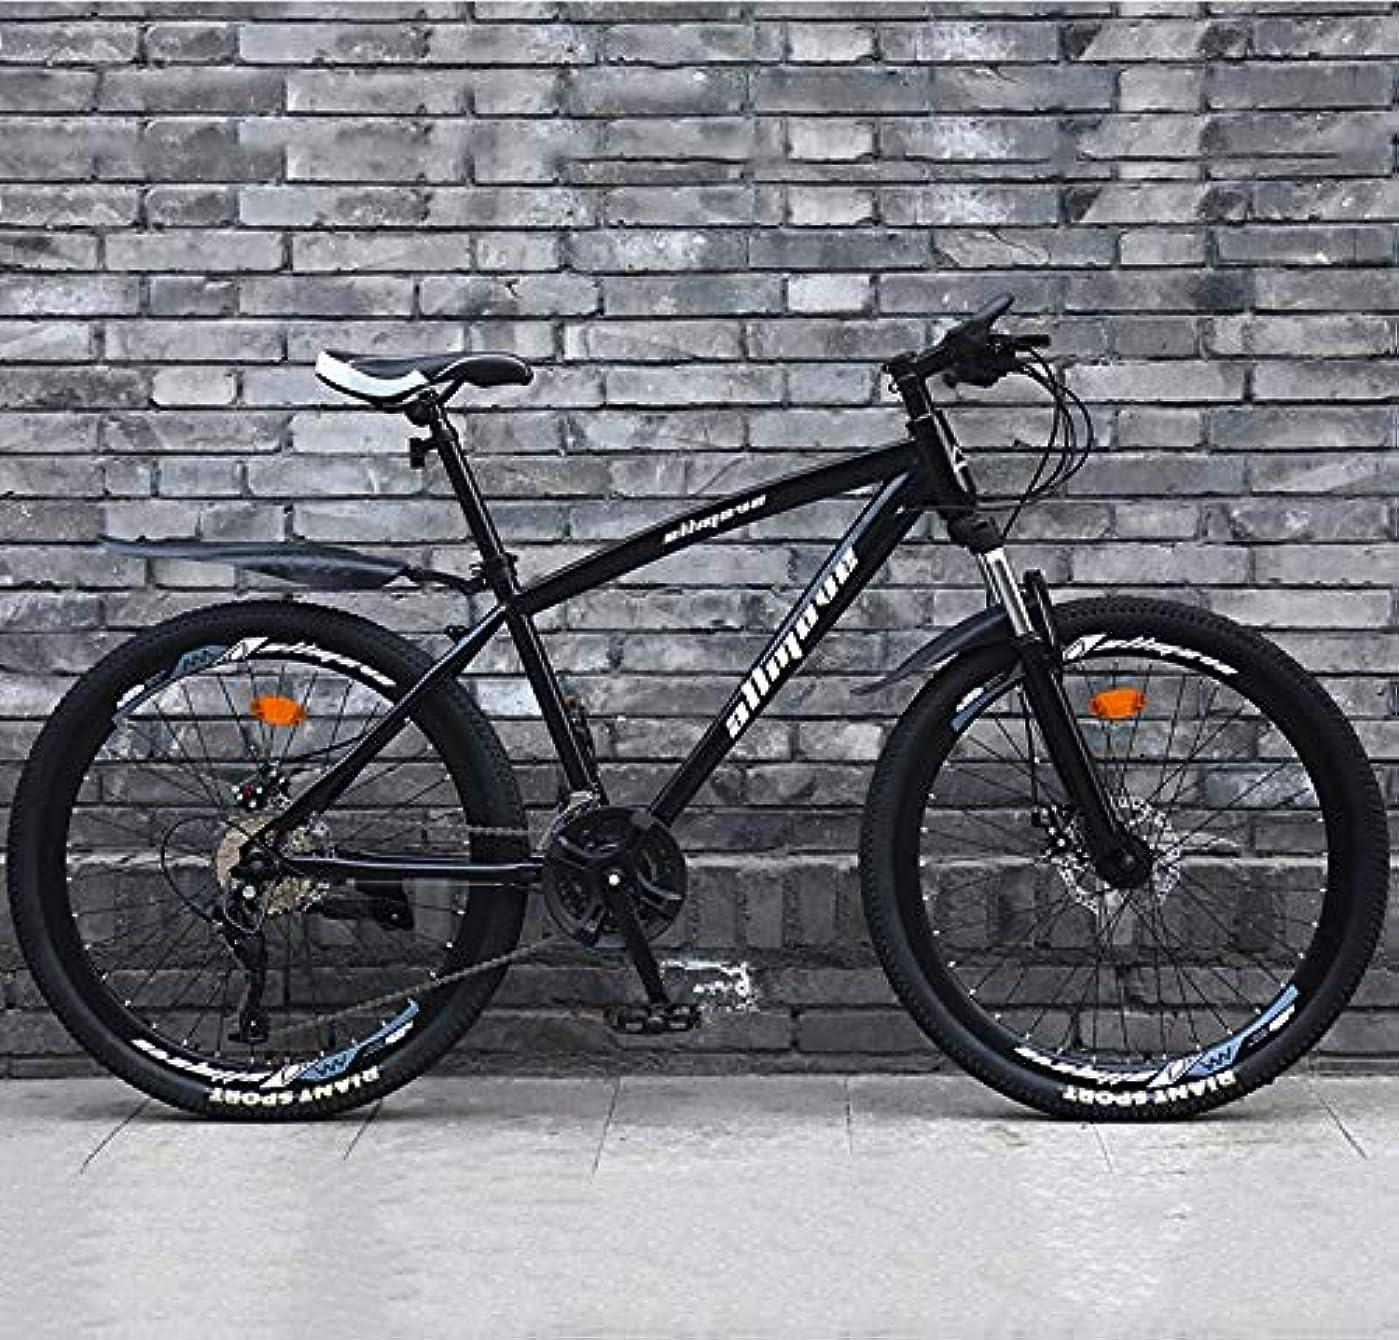 エアコン有望大脳24インチマウンテンバイク高炭素鋼Hardtailマウンテンバイクフロントサスペンション調節可能なシートマウンテン自転車,黒,21 Speed